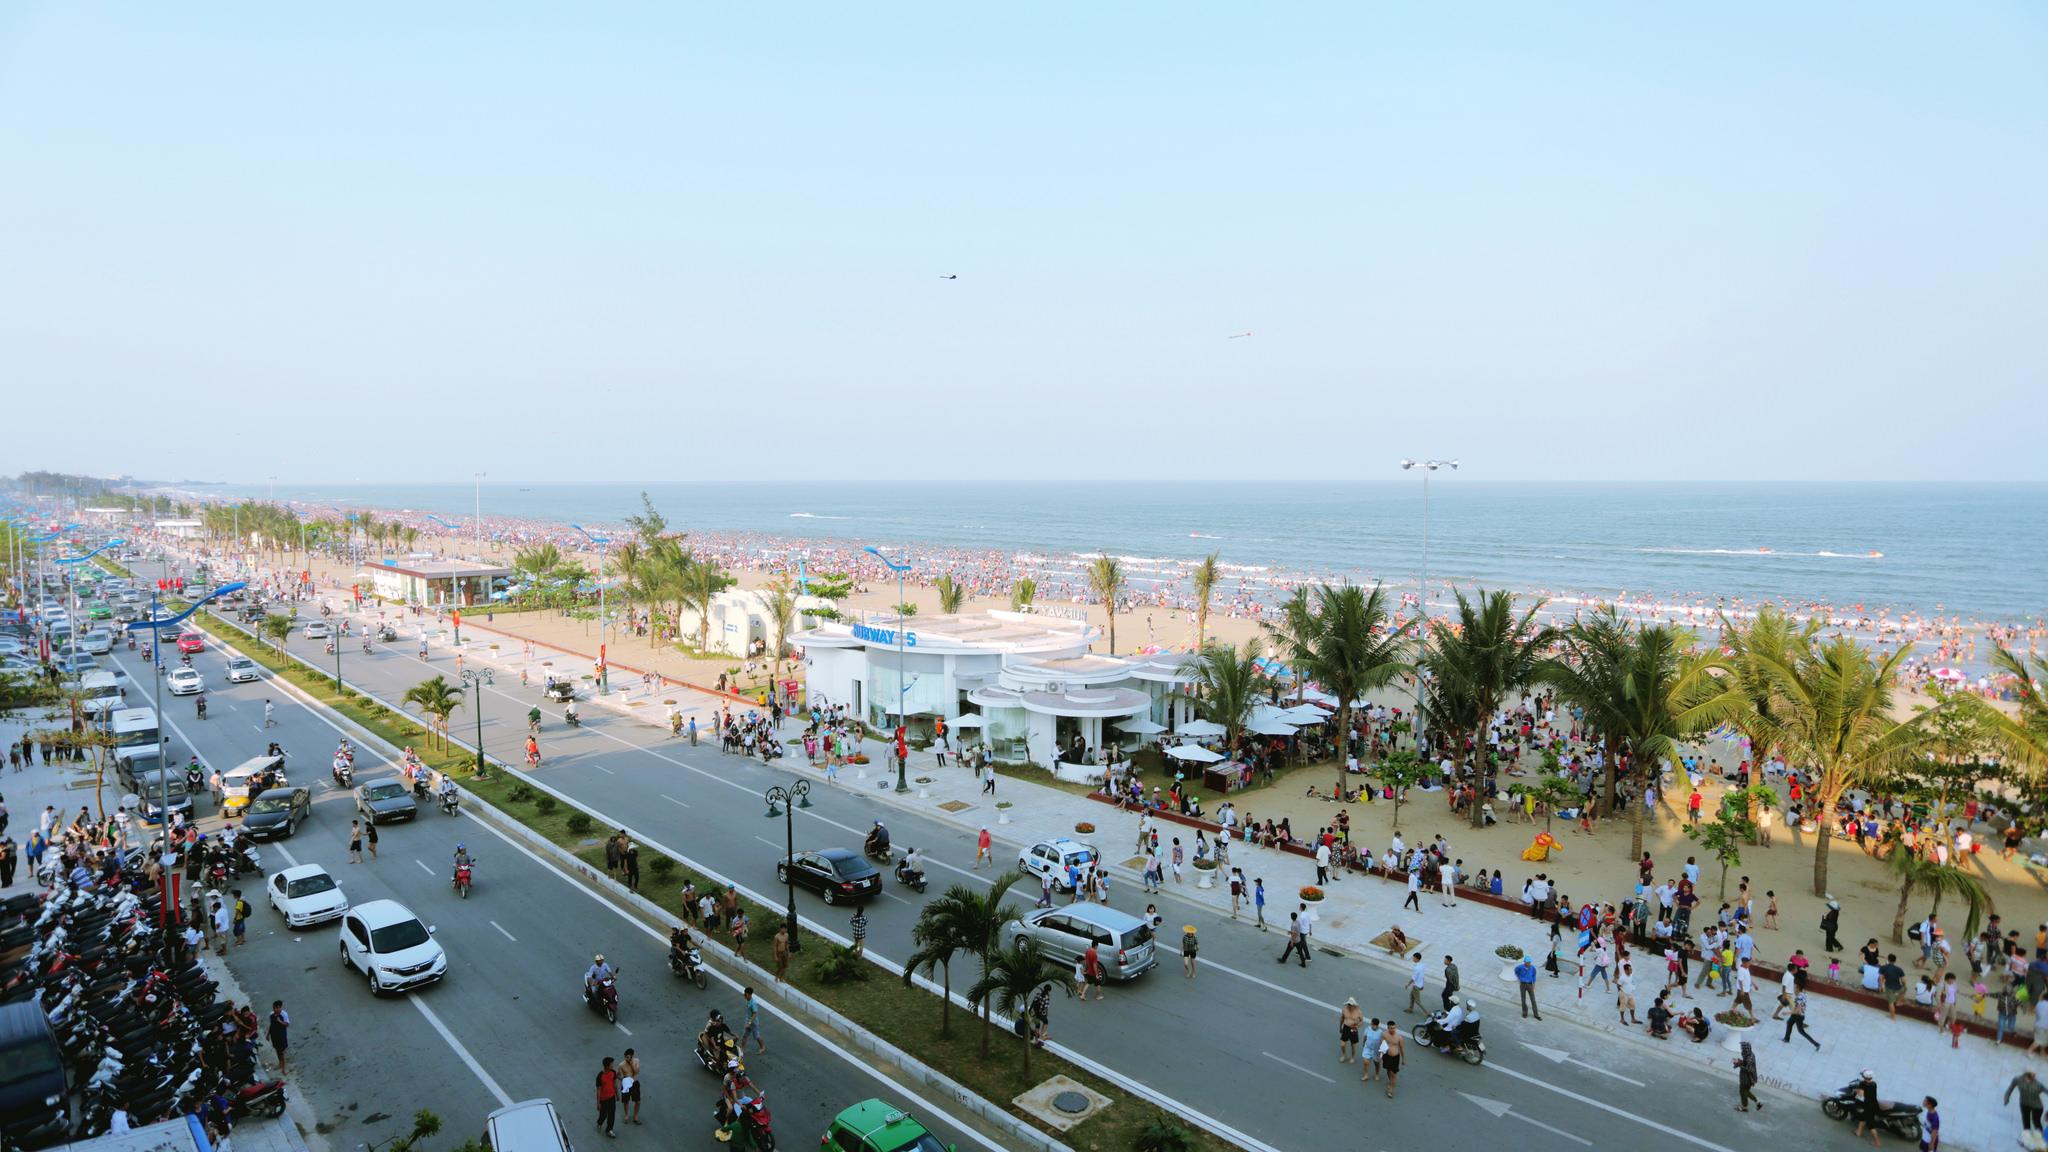 Thành phố Sầm Sơn là thành phố thứ 2 của tỉnh Thanh Hóa